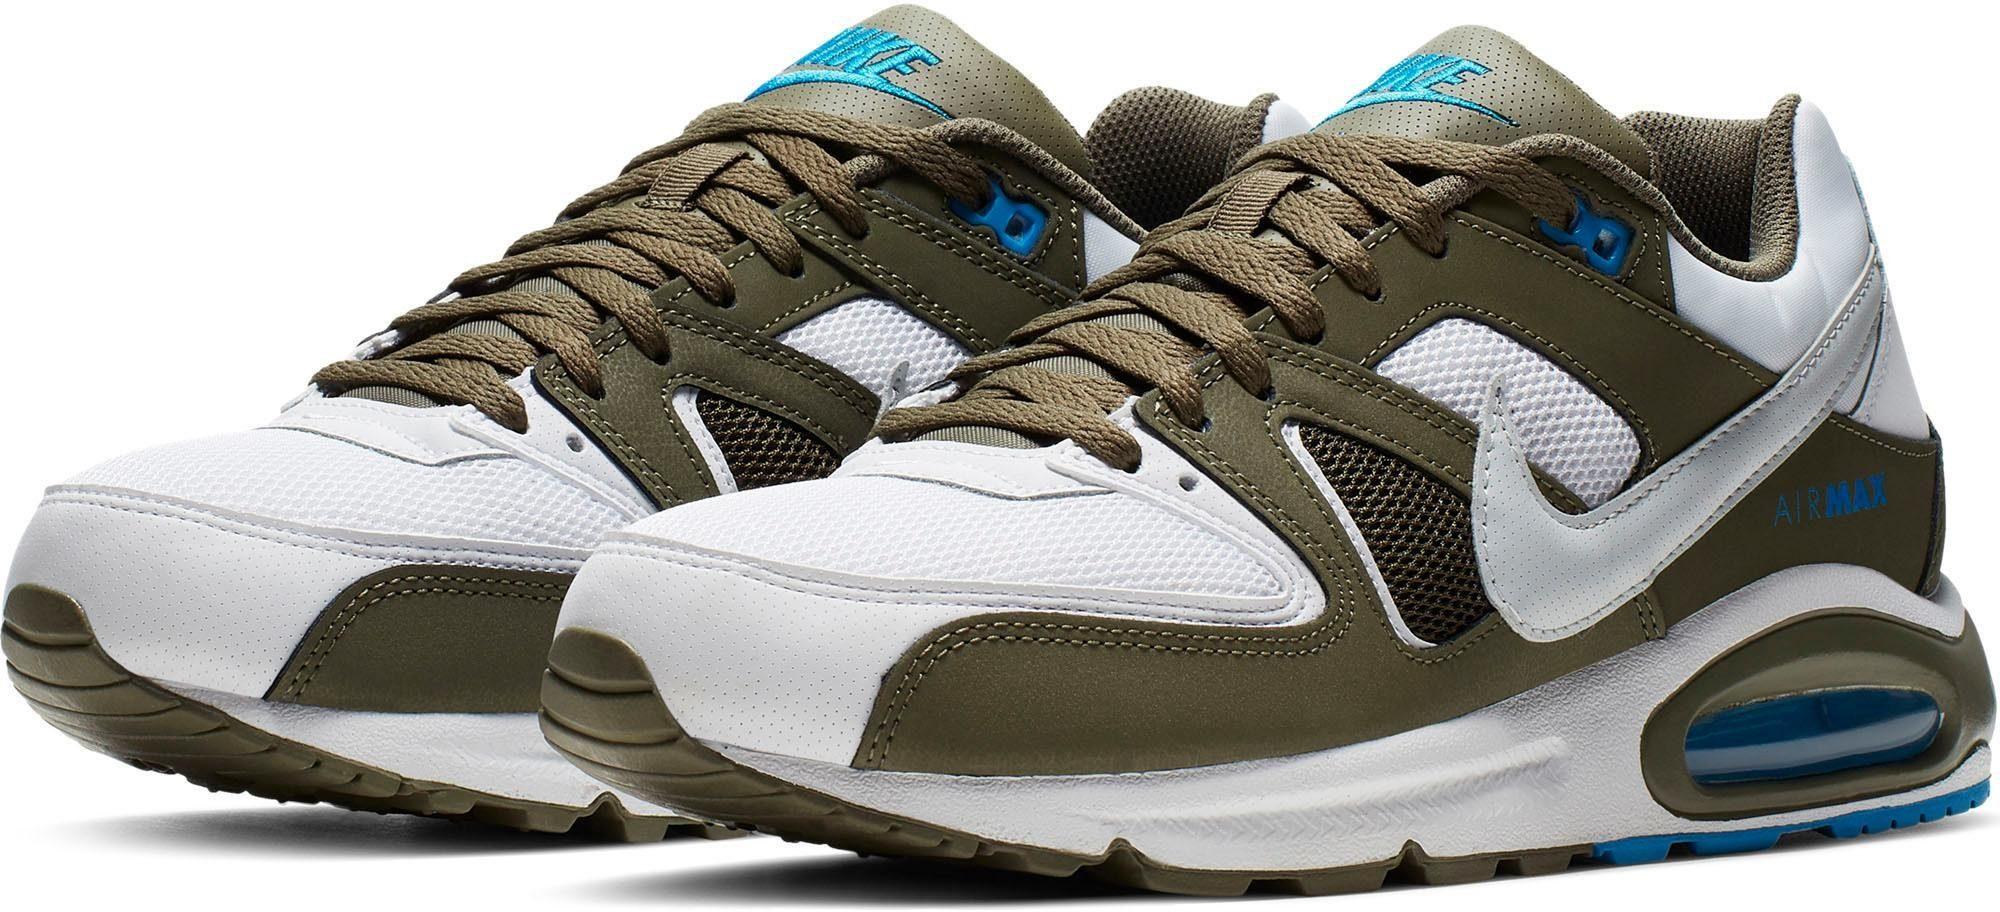 Nike Sportswear »Air Max Command« Sneaker, Sportlicher Sneaker von Nike online kaufen | OTTO